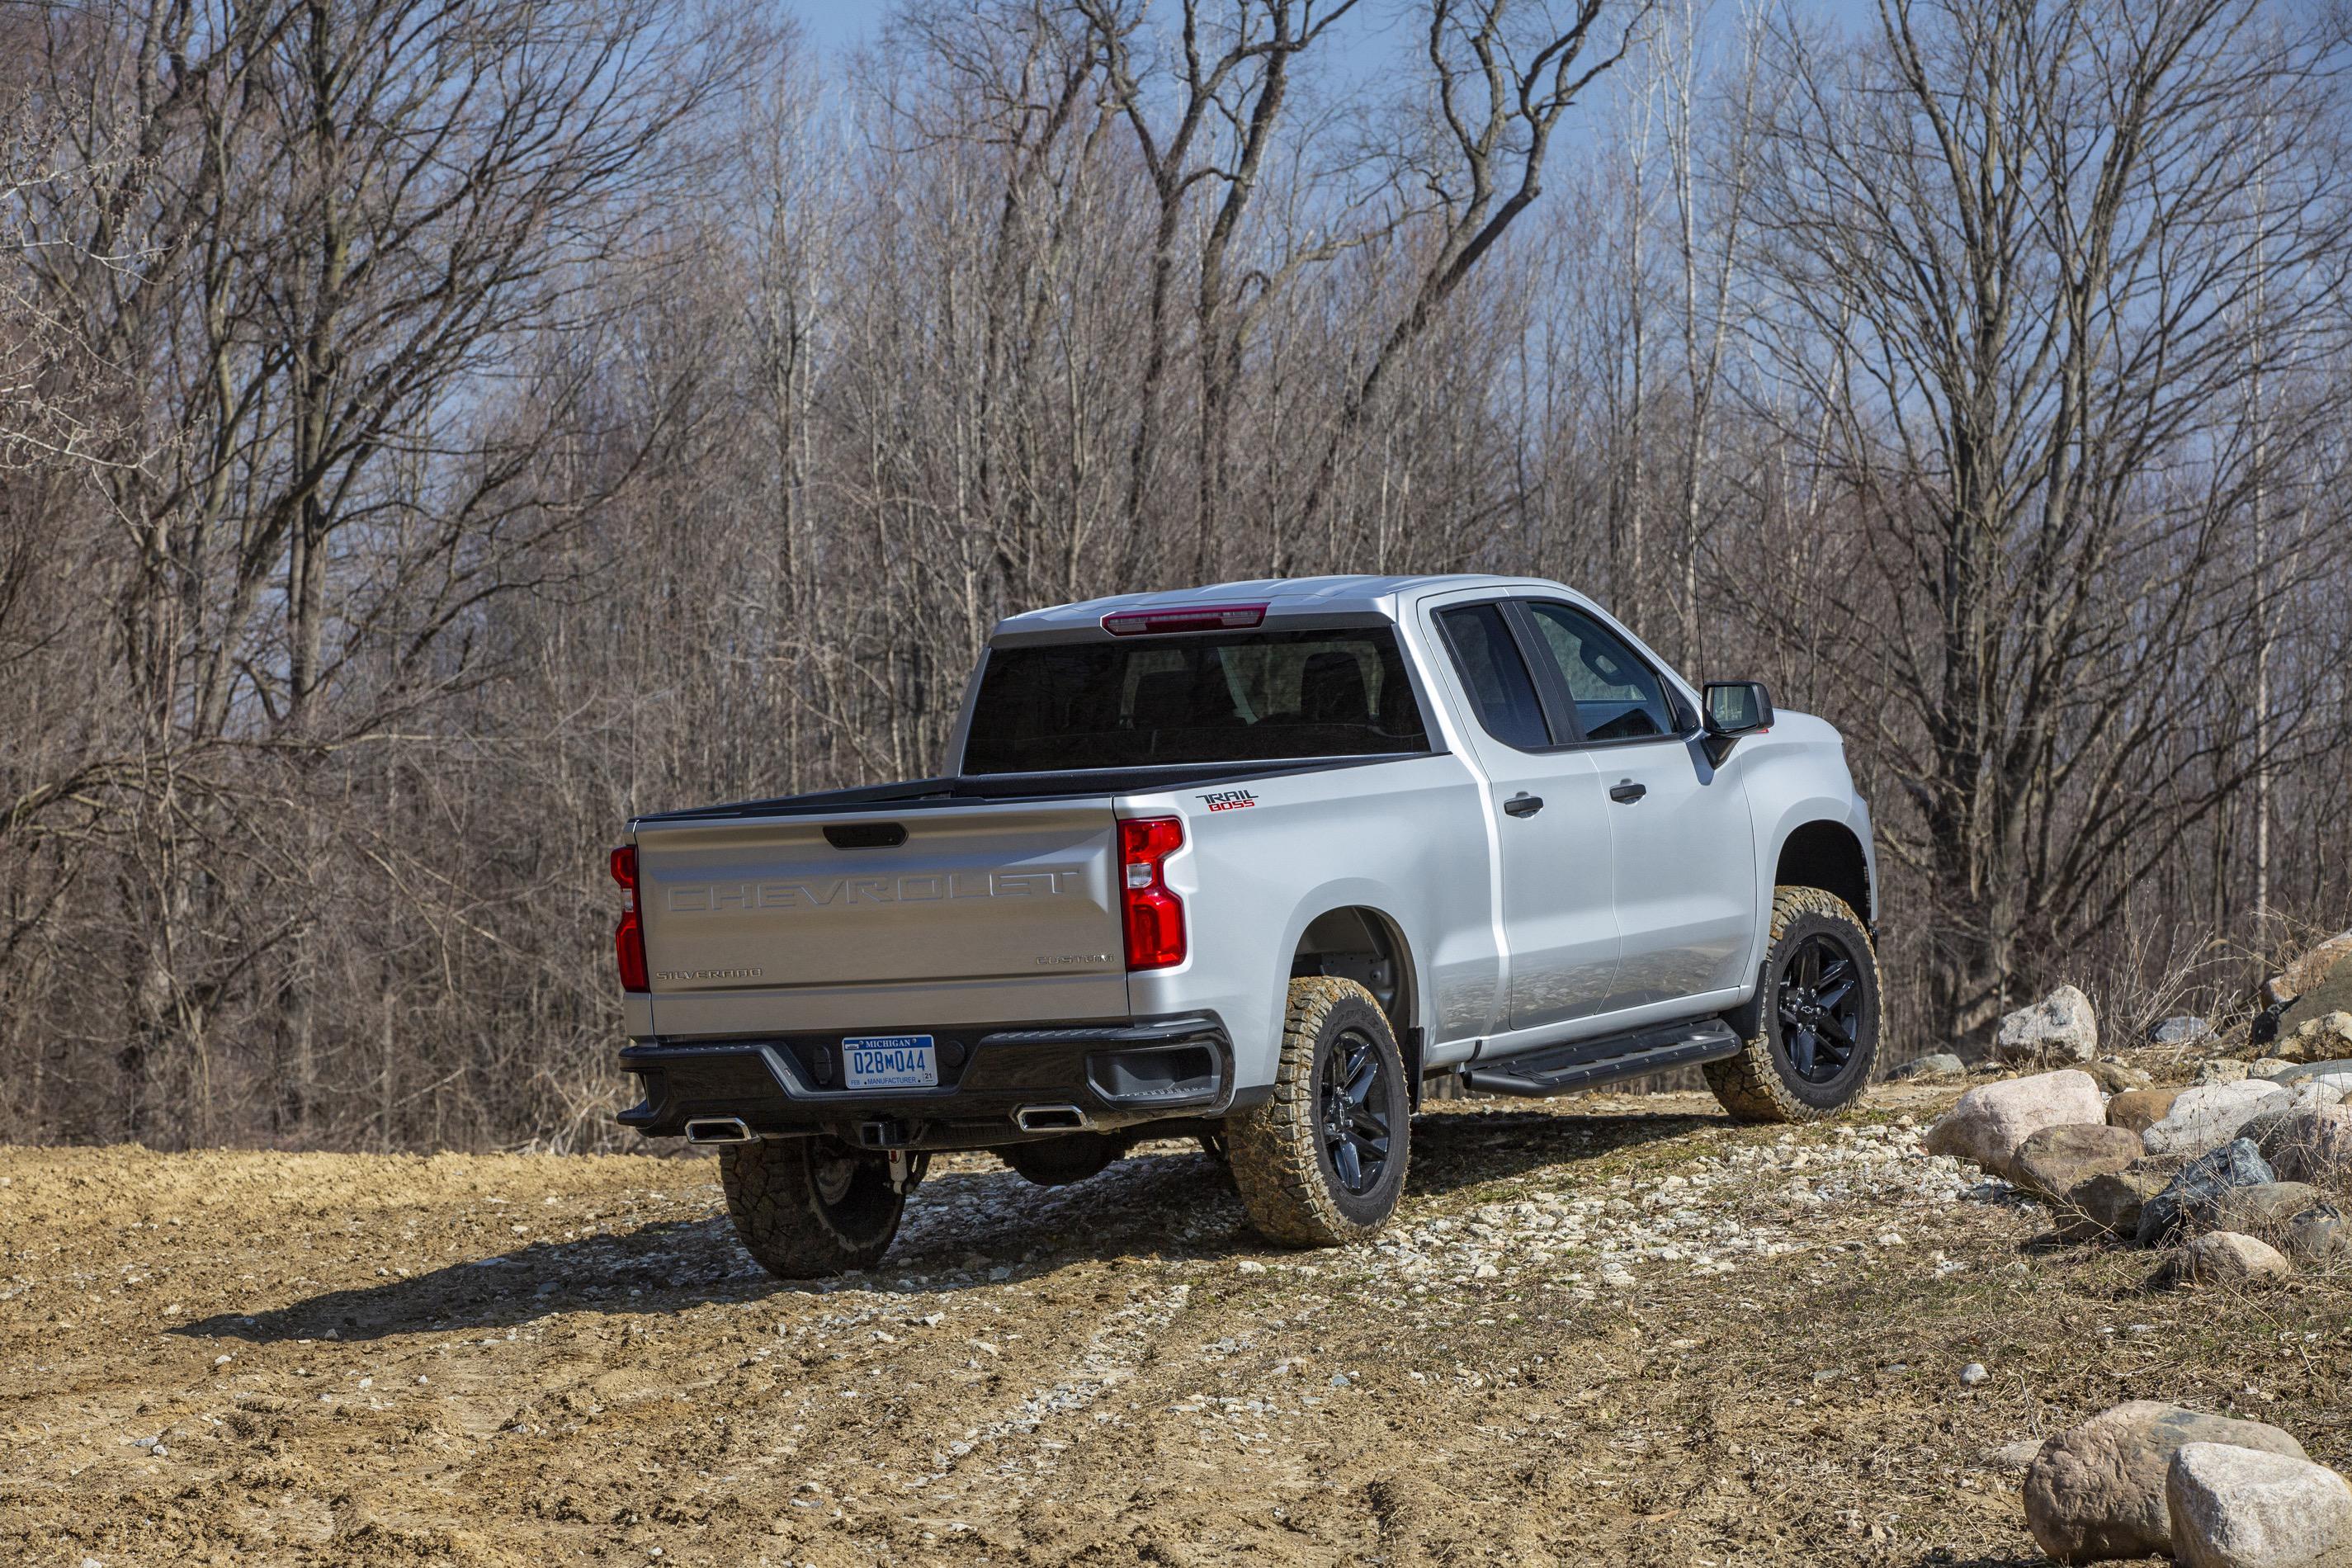 2020 Chevrolet Silverado Custom Trail Boss tailgate view